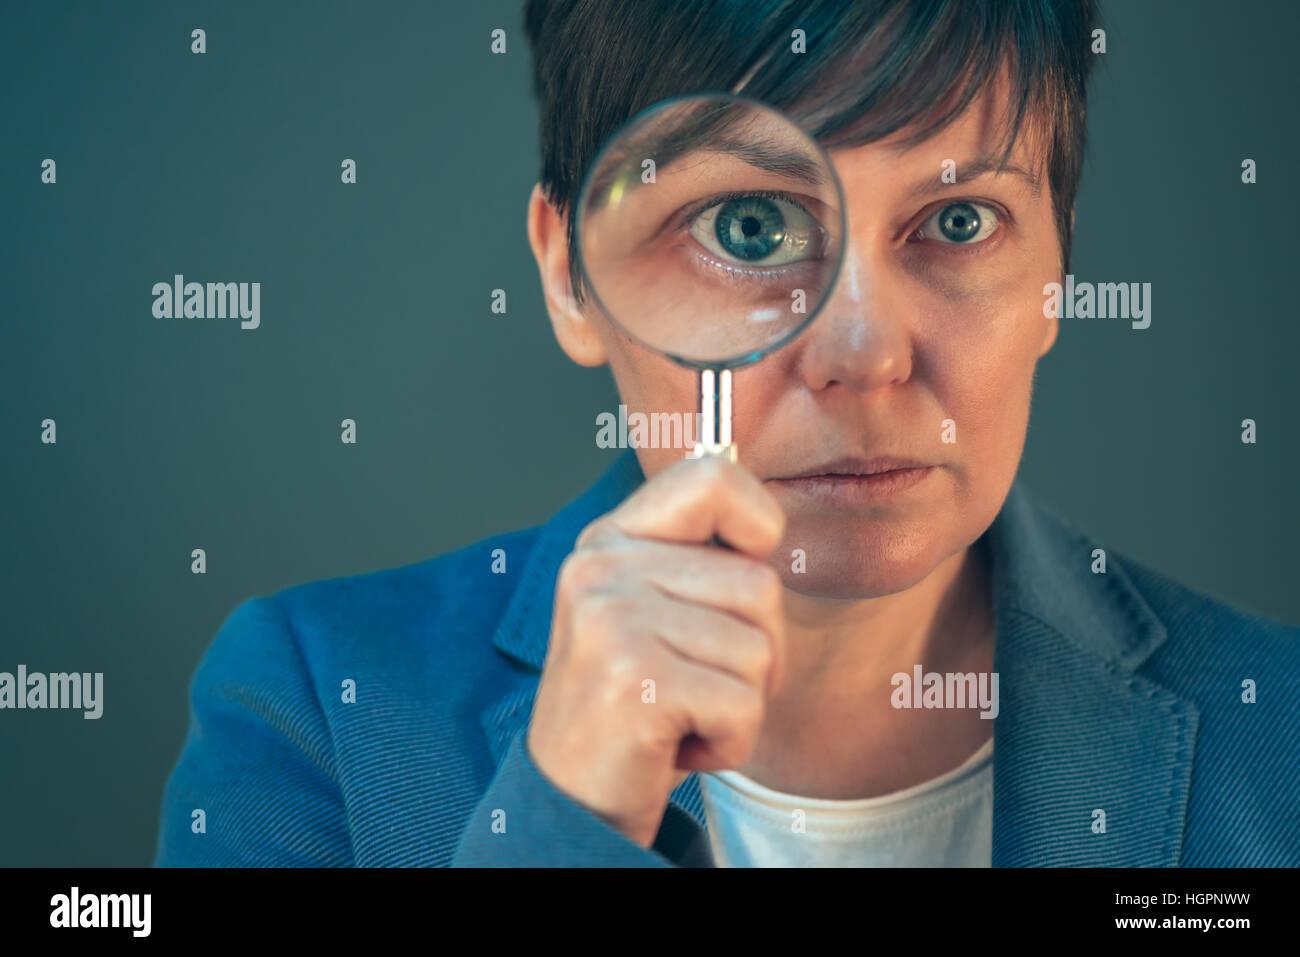 Bella donna d'affari con lente di ingrandimento - cercare, scoprire, esplorare e indagare e analizzare il concetto. Immagini Stock